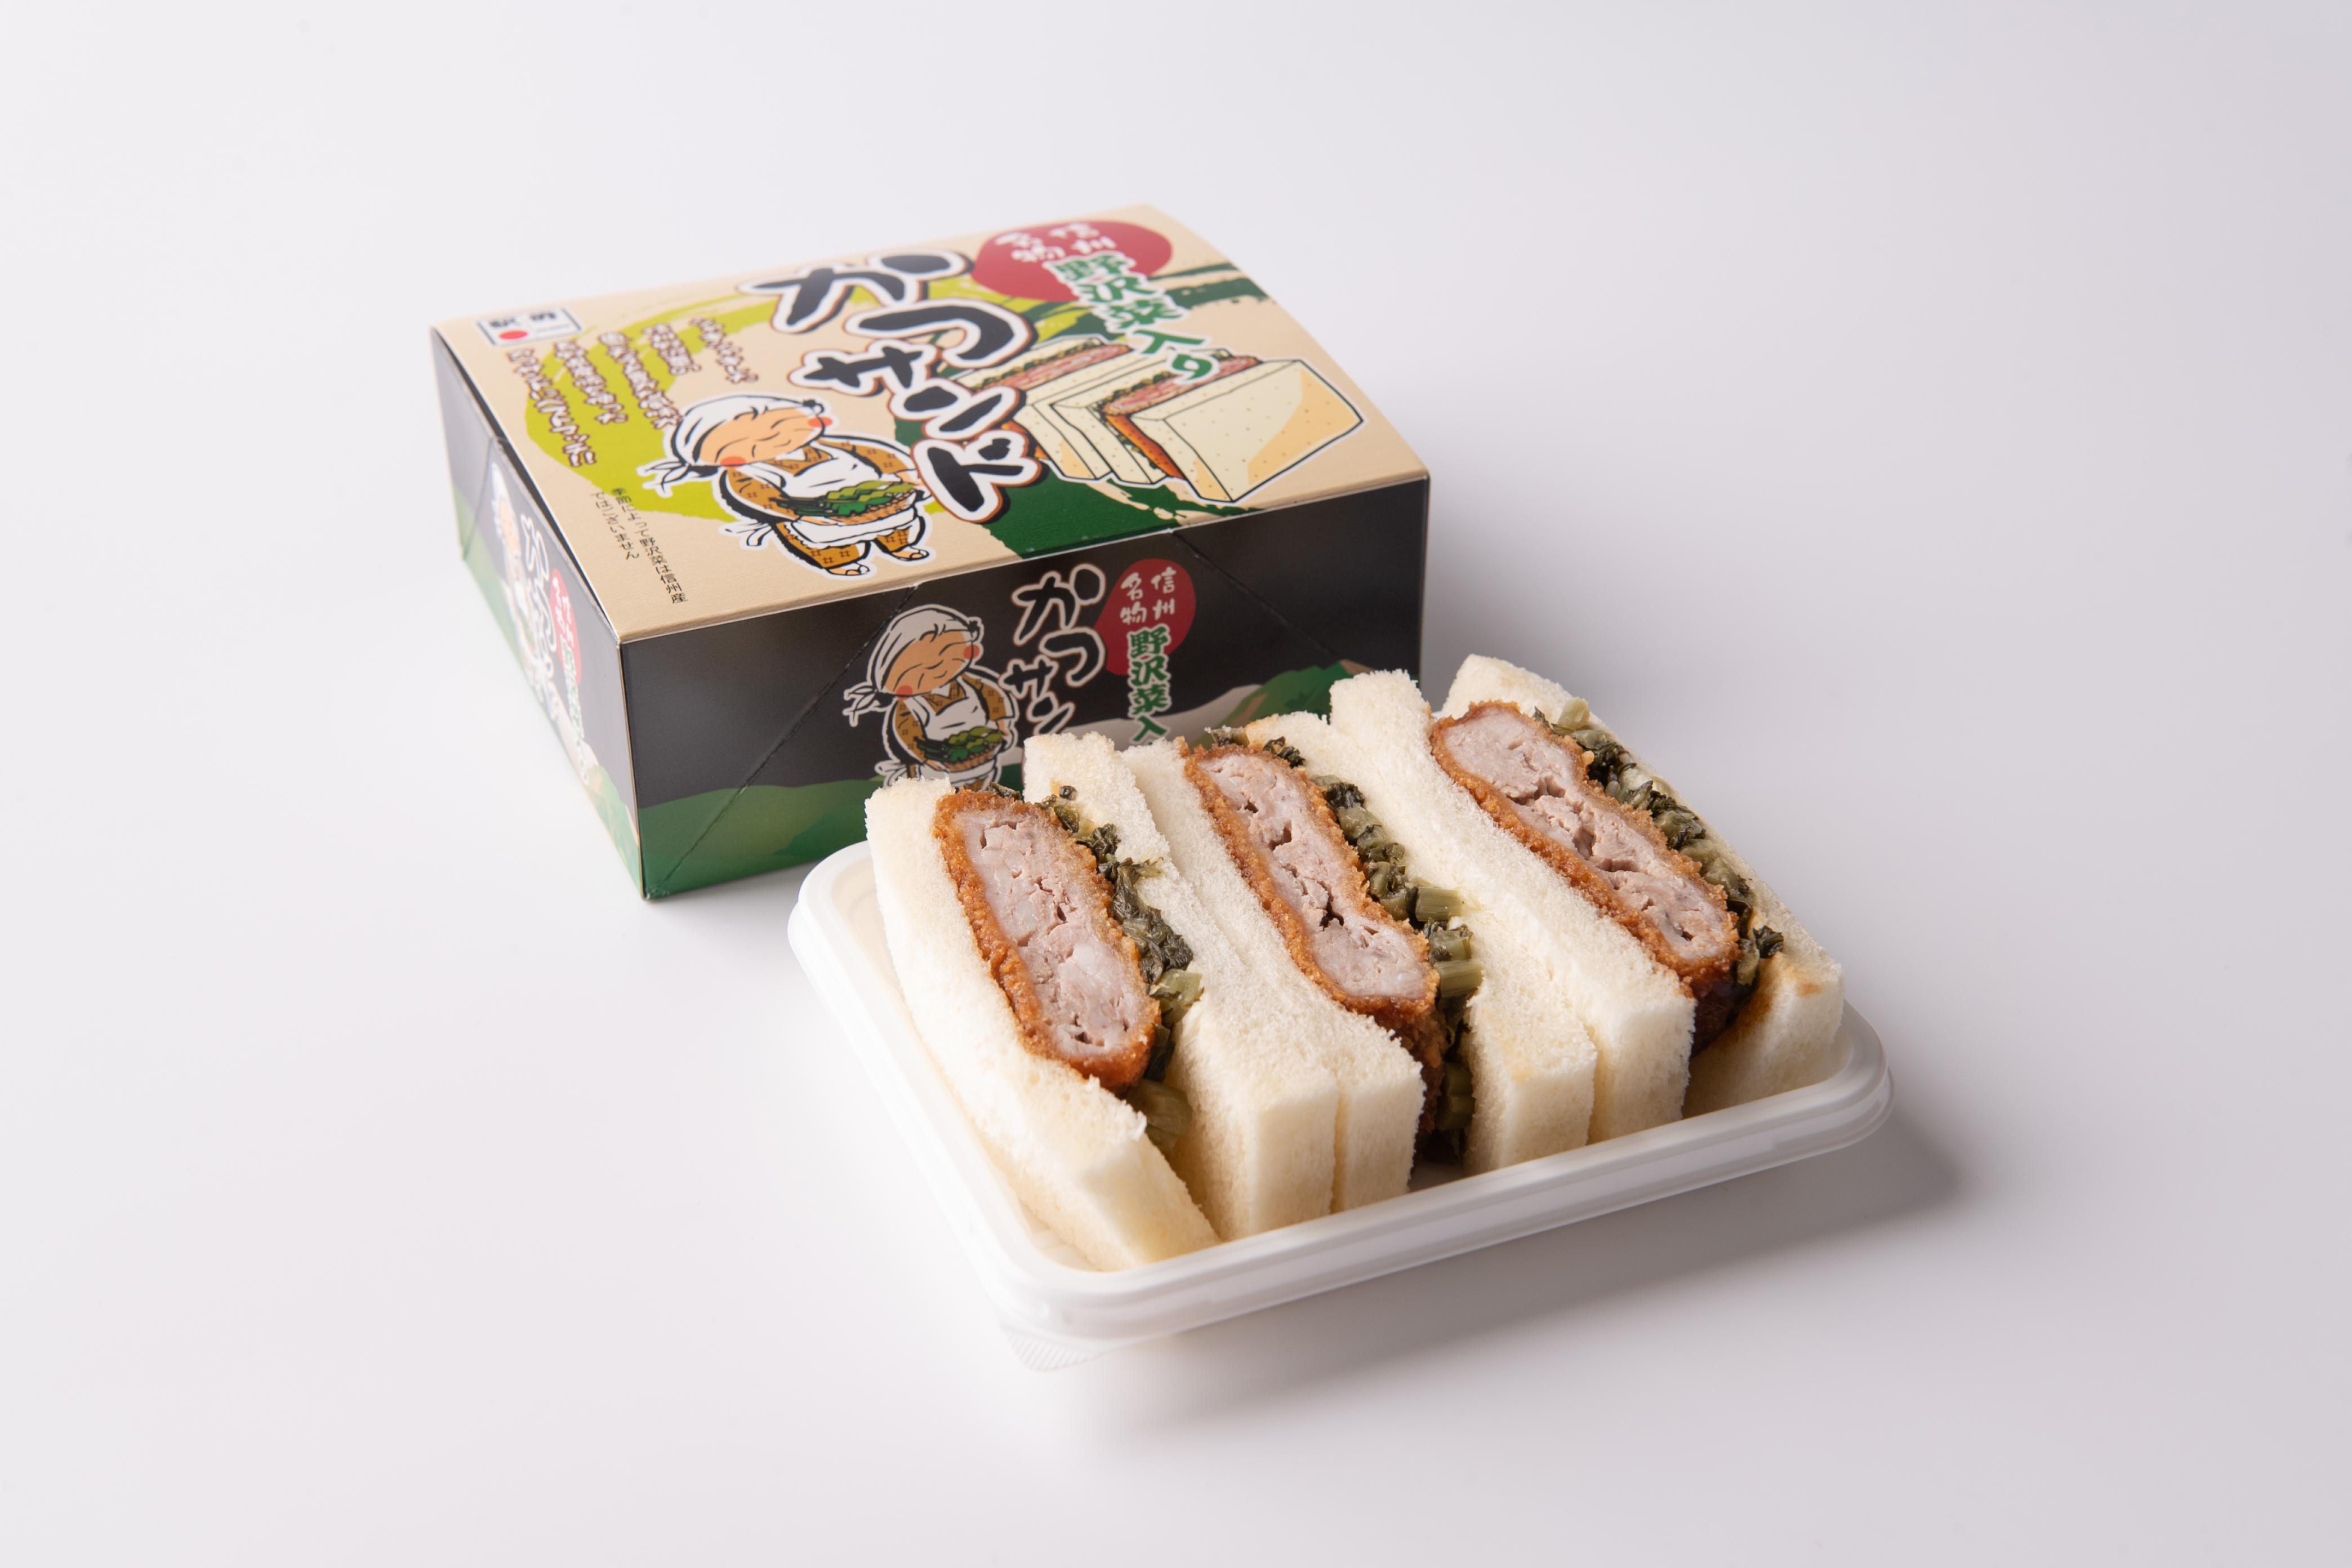 野沢菜入りかつサンド-(¥750税込)